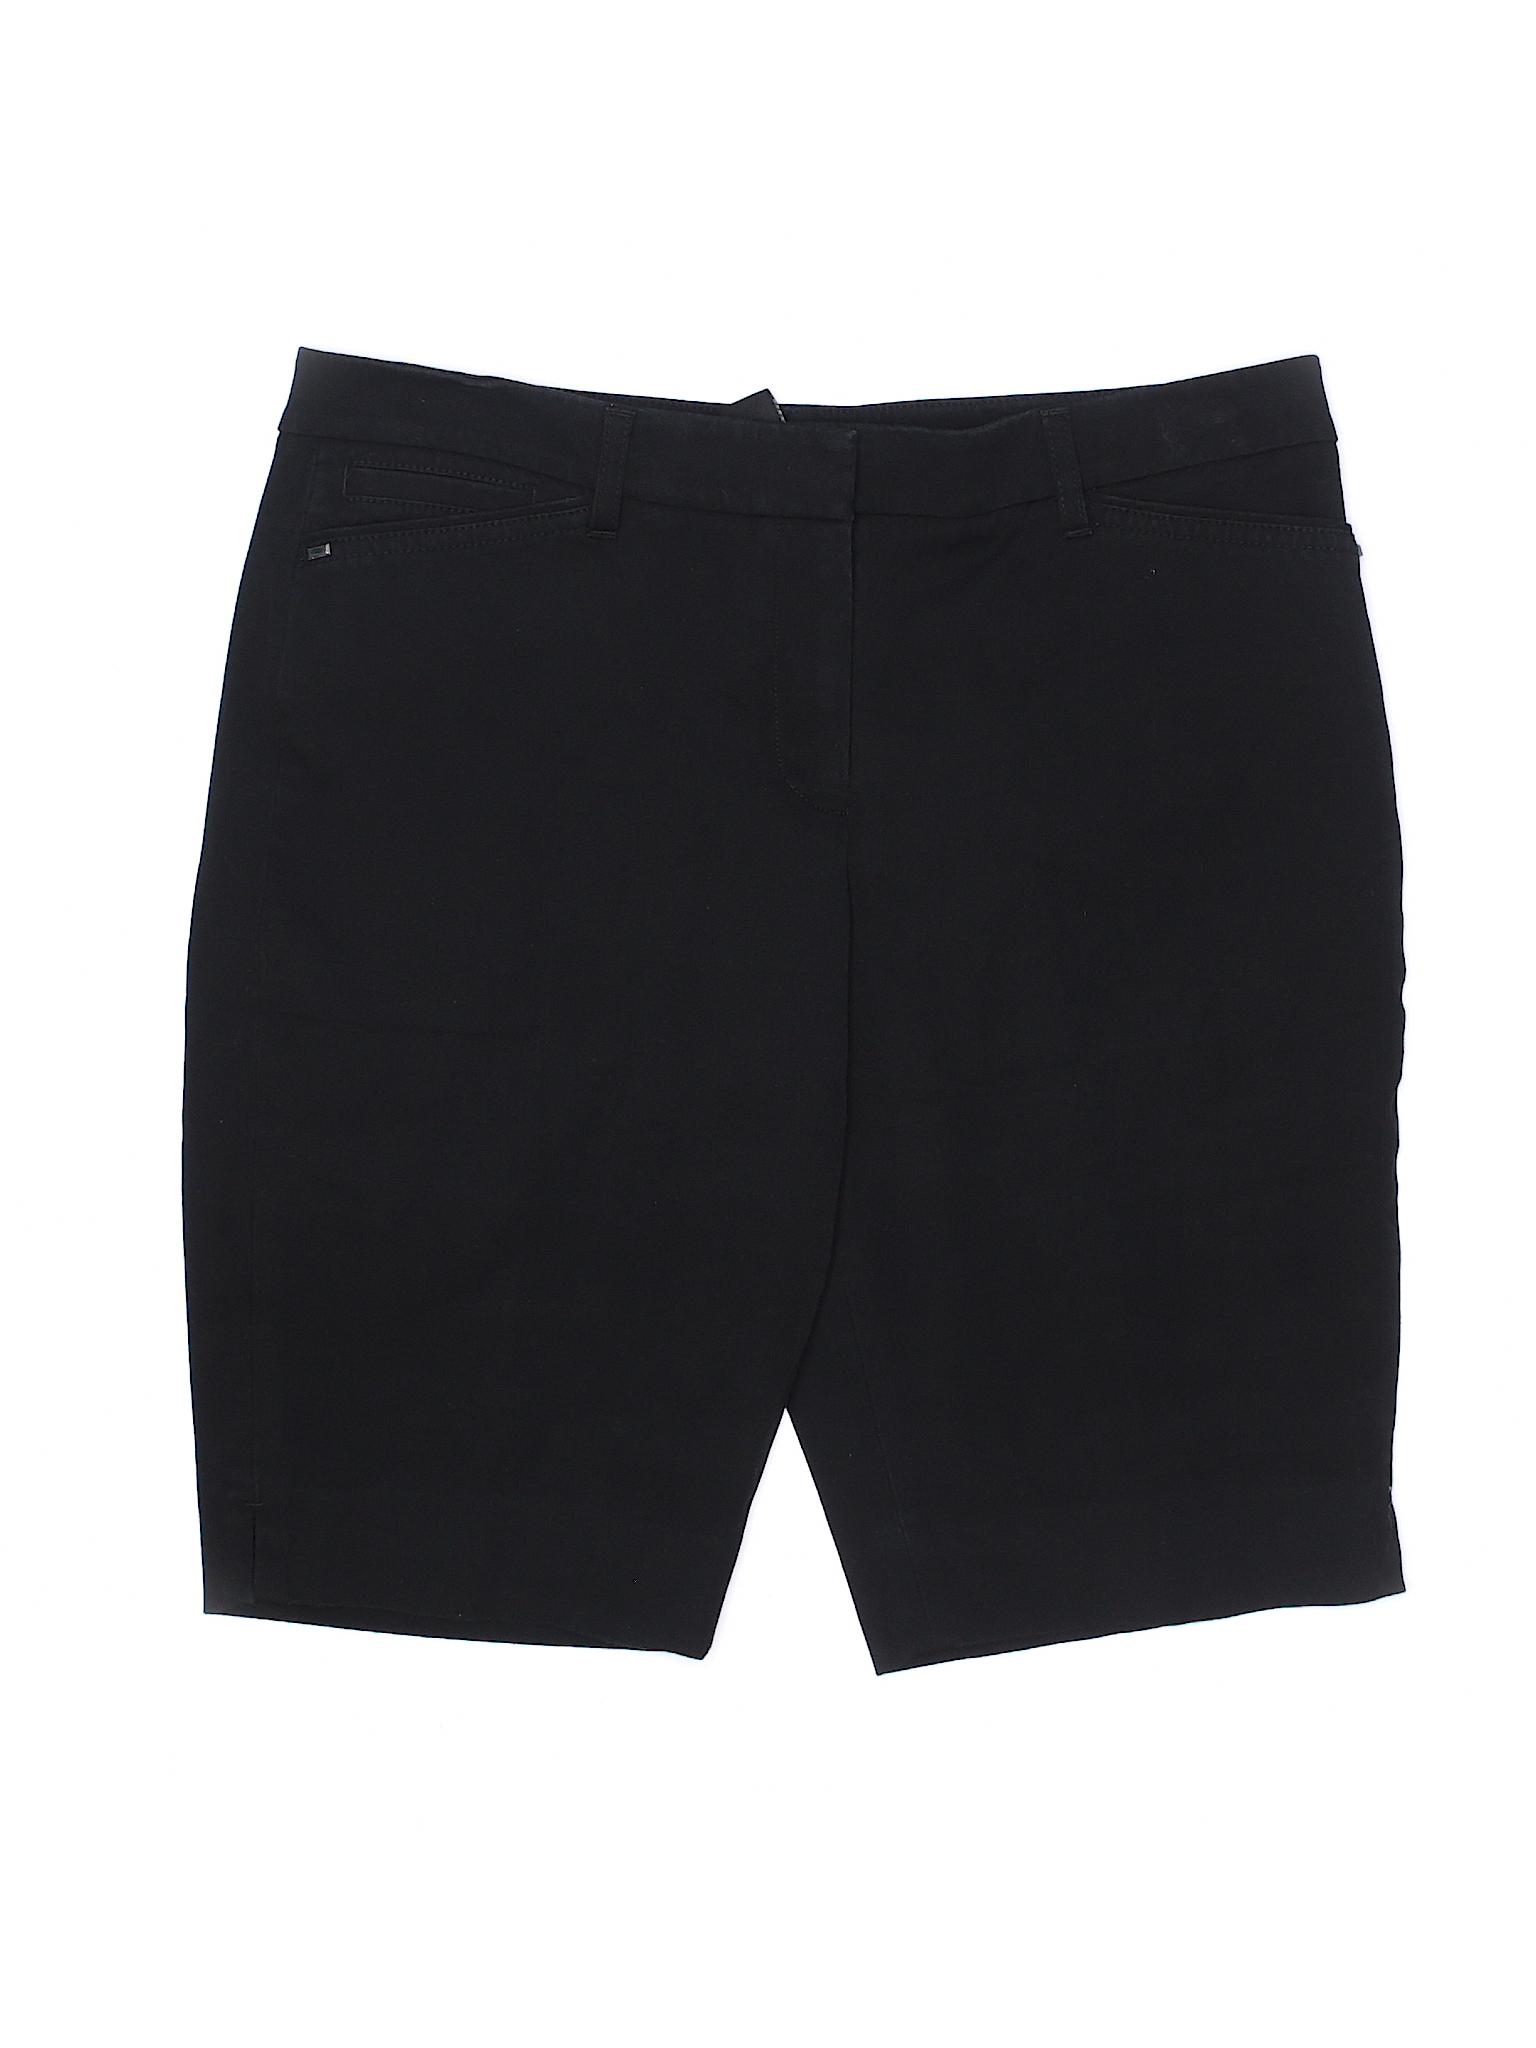 leisure Market Shorts White Boutique House Khaki Black pq1Txw